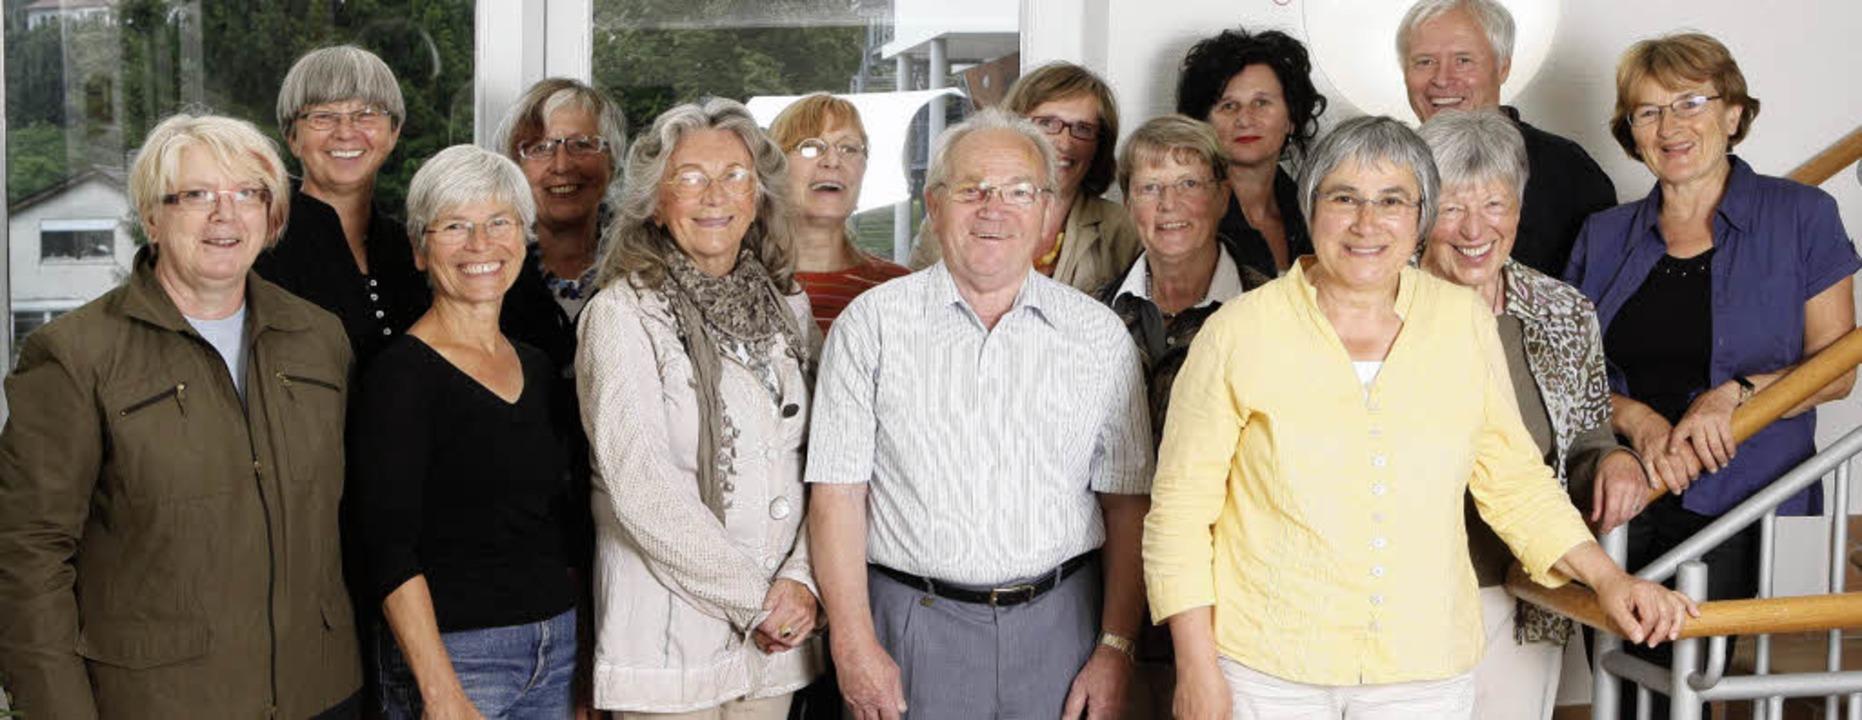 Eine ganze Reihe ehrenamtlicher Helfer unterstützt die Hauptamtlichen im Hospiz.  | Foto: Hospiz am buck